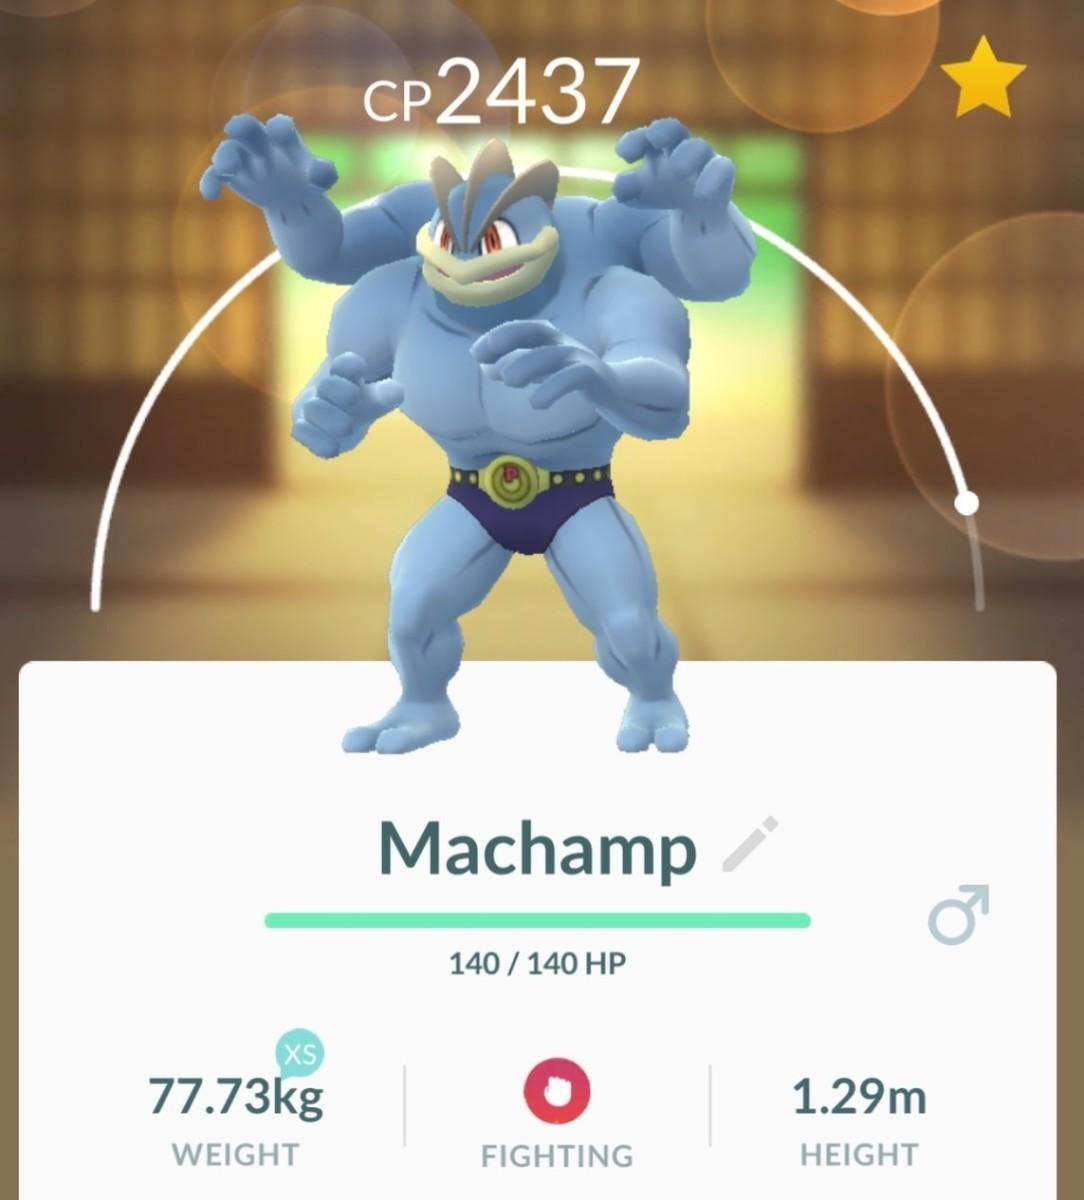 Machamp in Pokemon GO